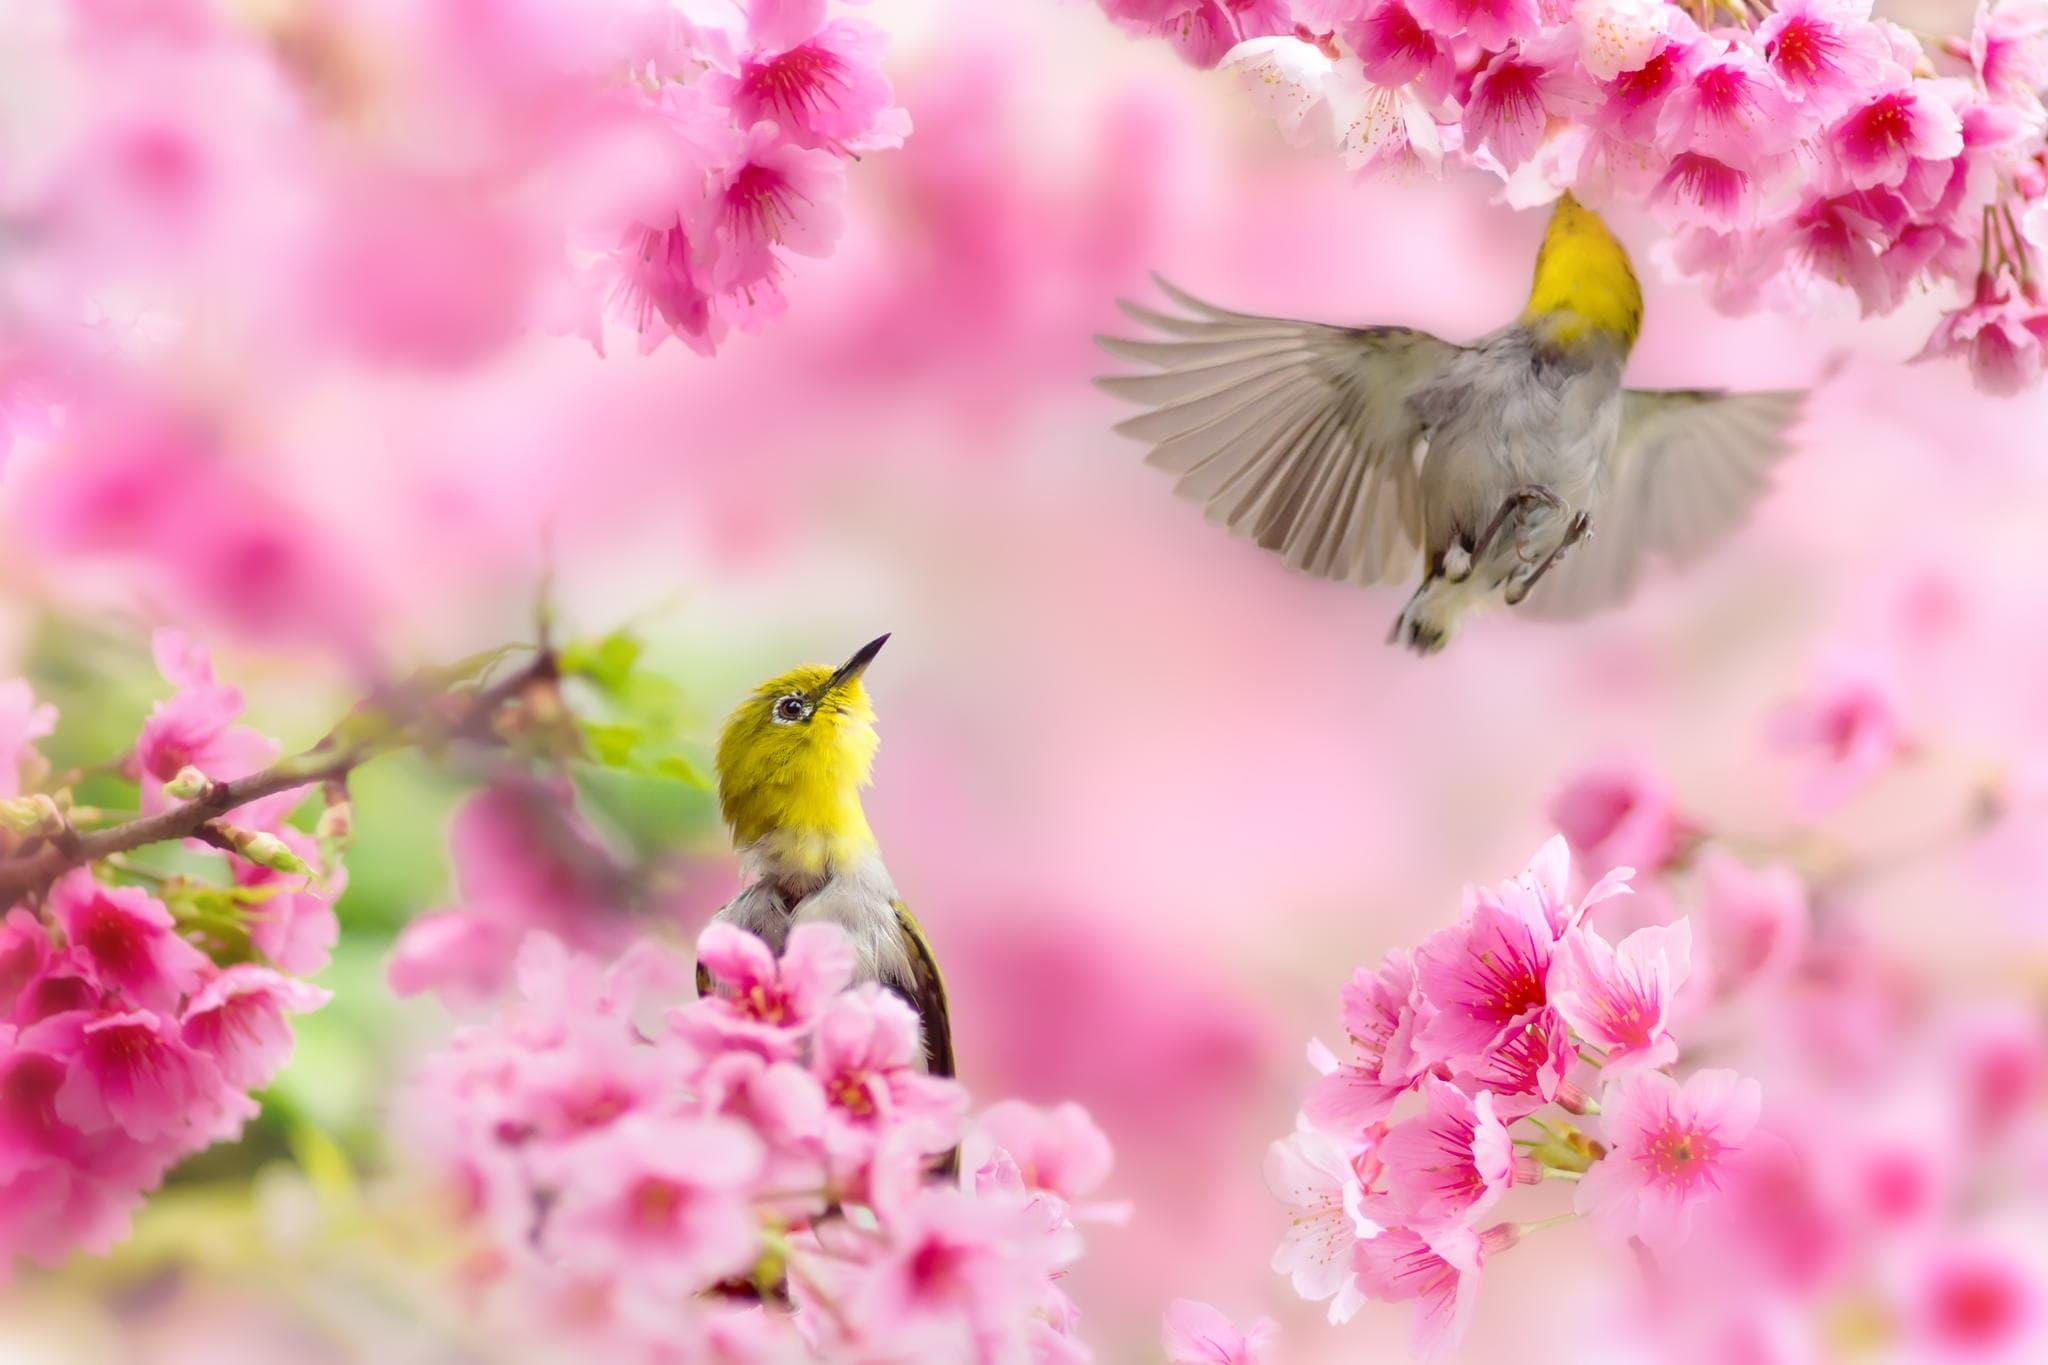 Hình ảnh chim và cành Đào